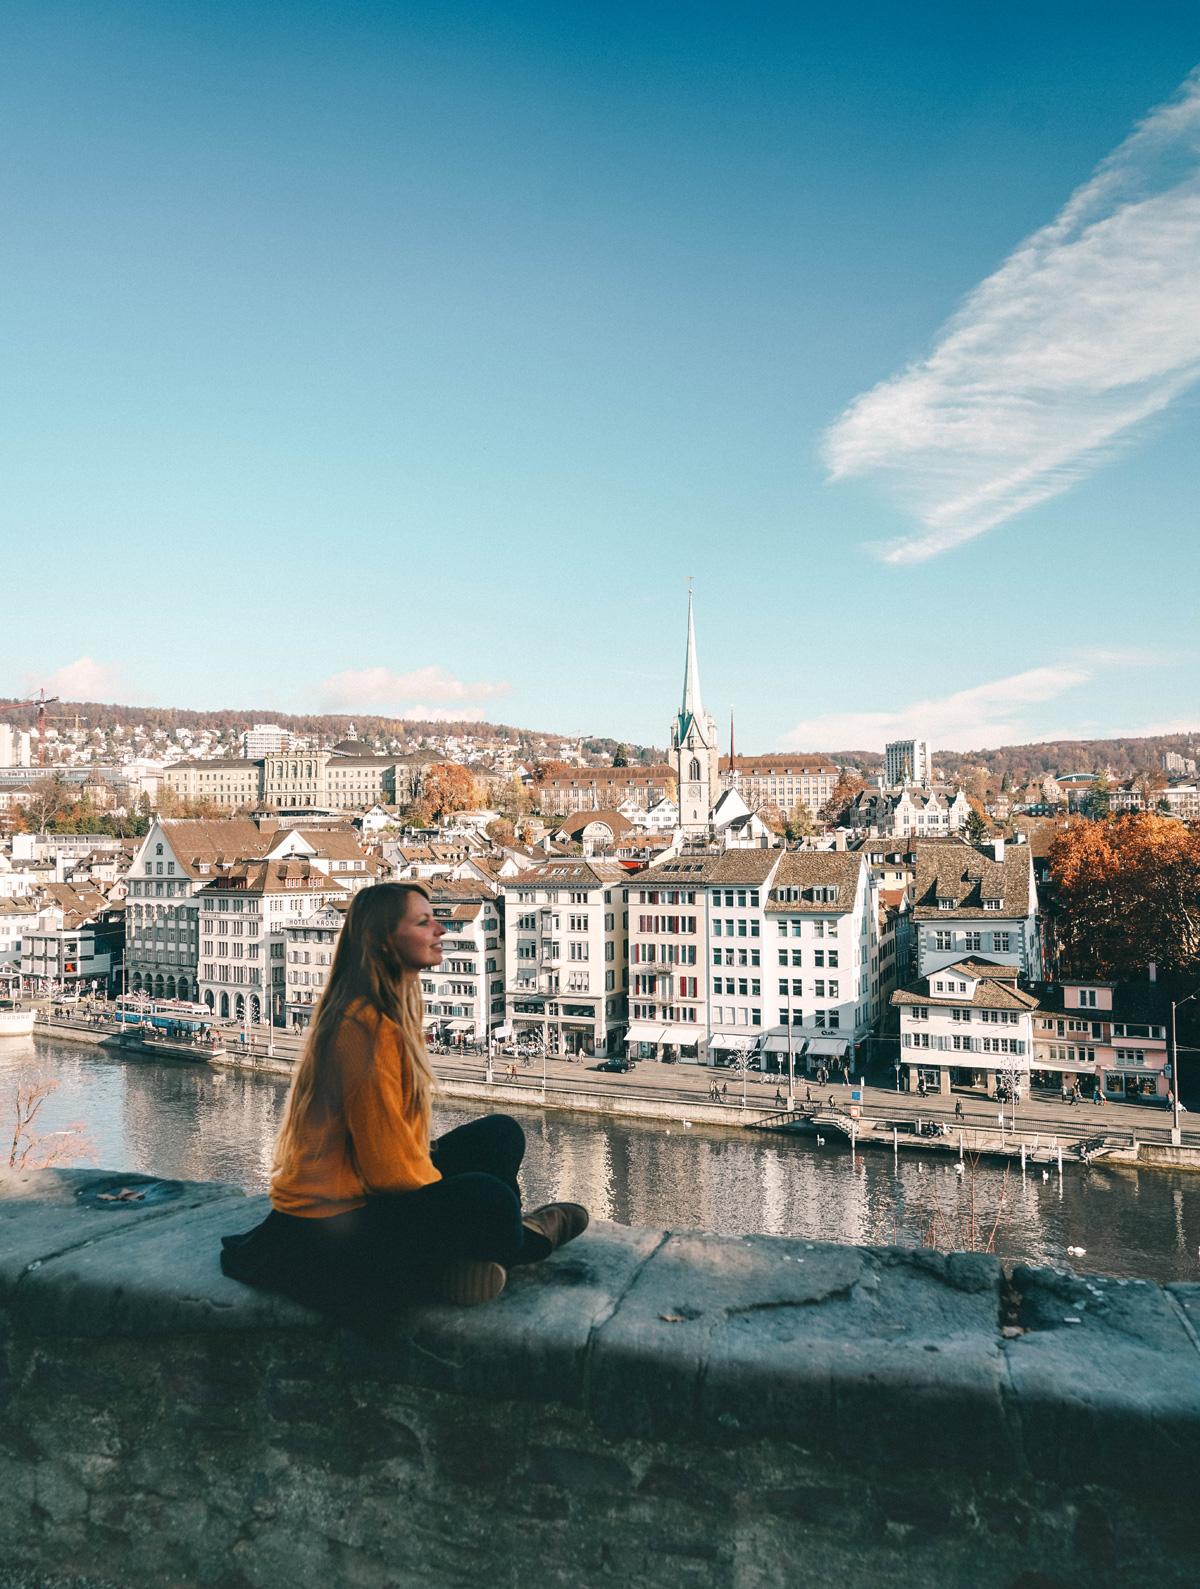 Lindenhof-Zürich-Christine-Neder